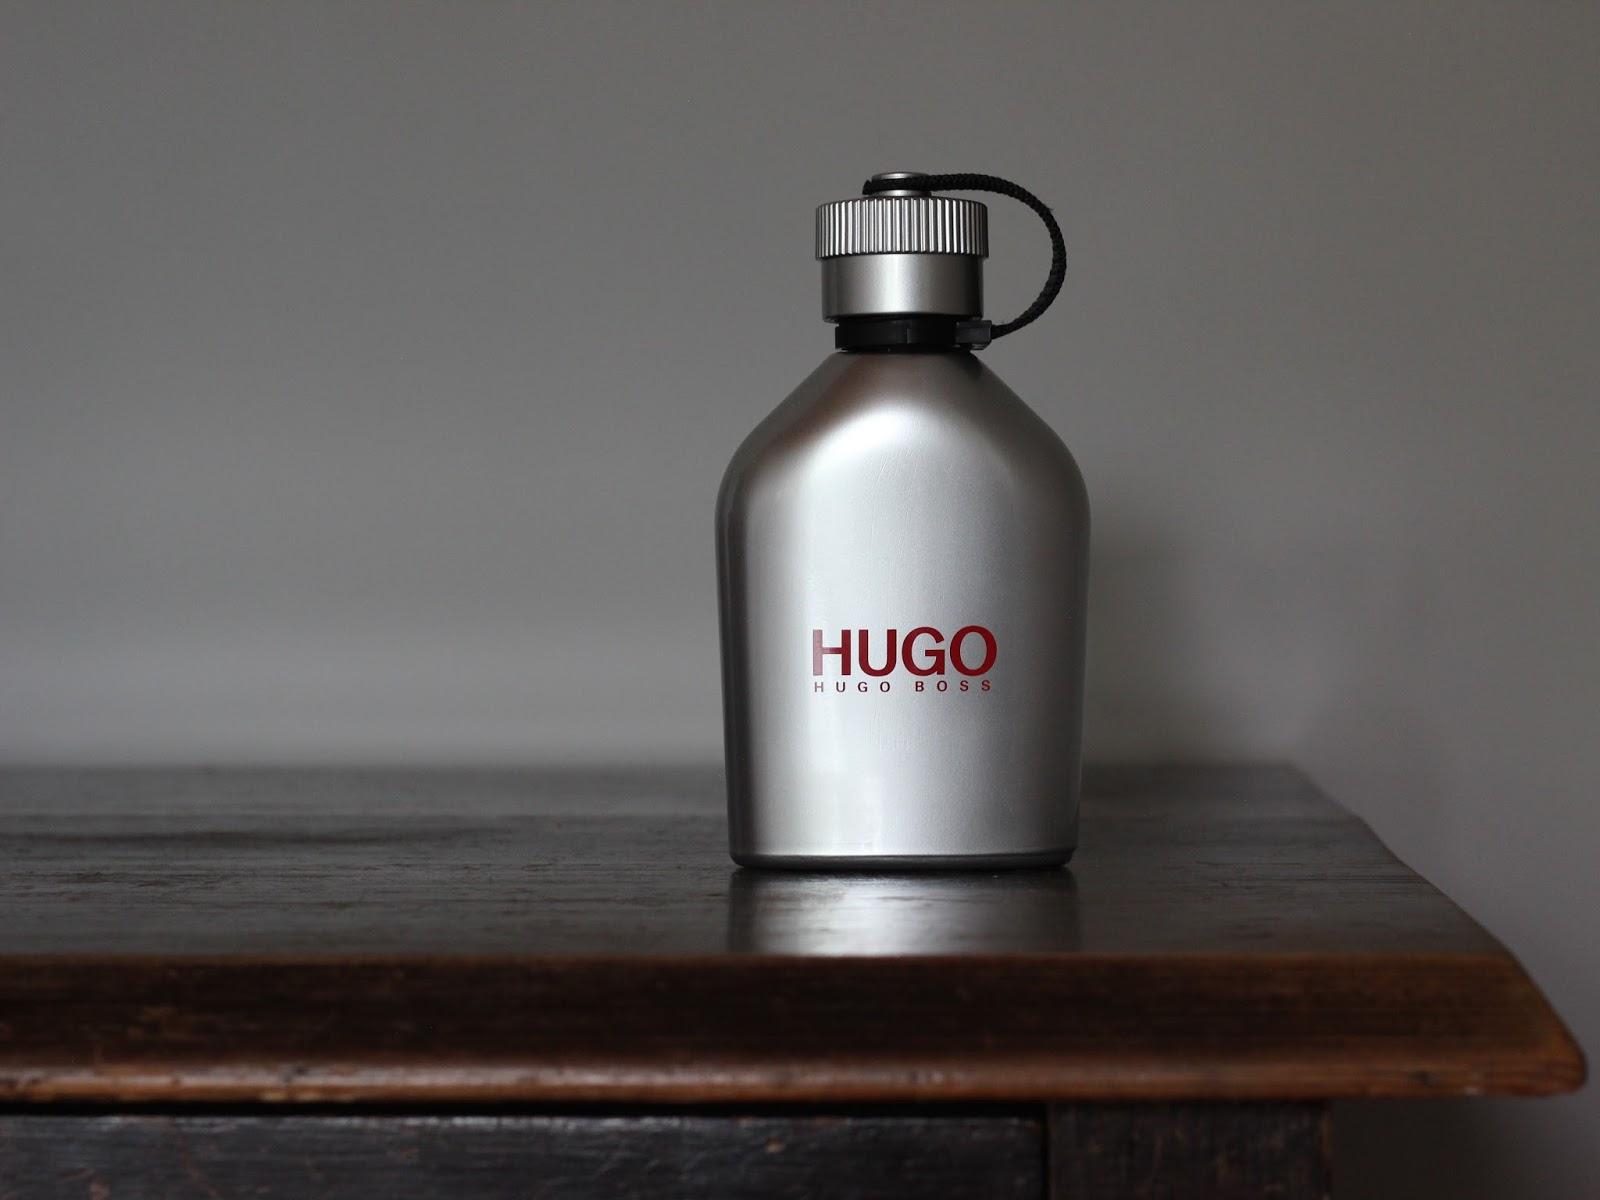 HUGO BOSS ICED Herrenduft